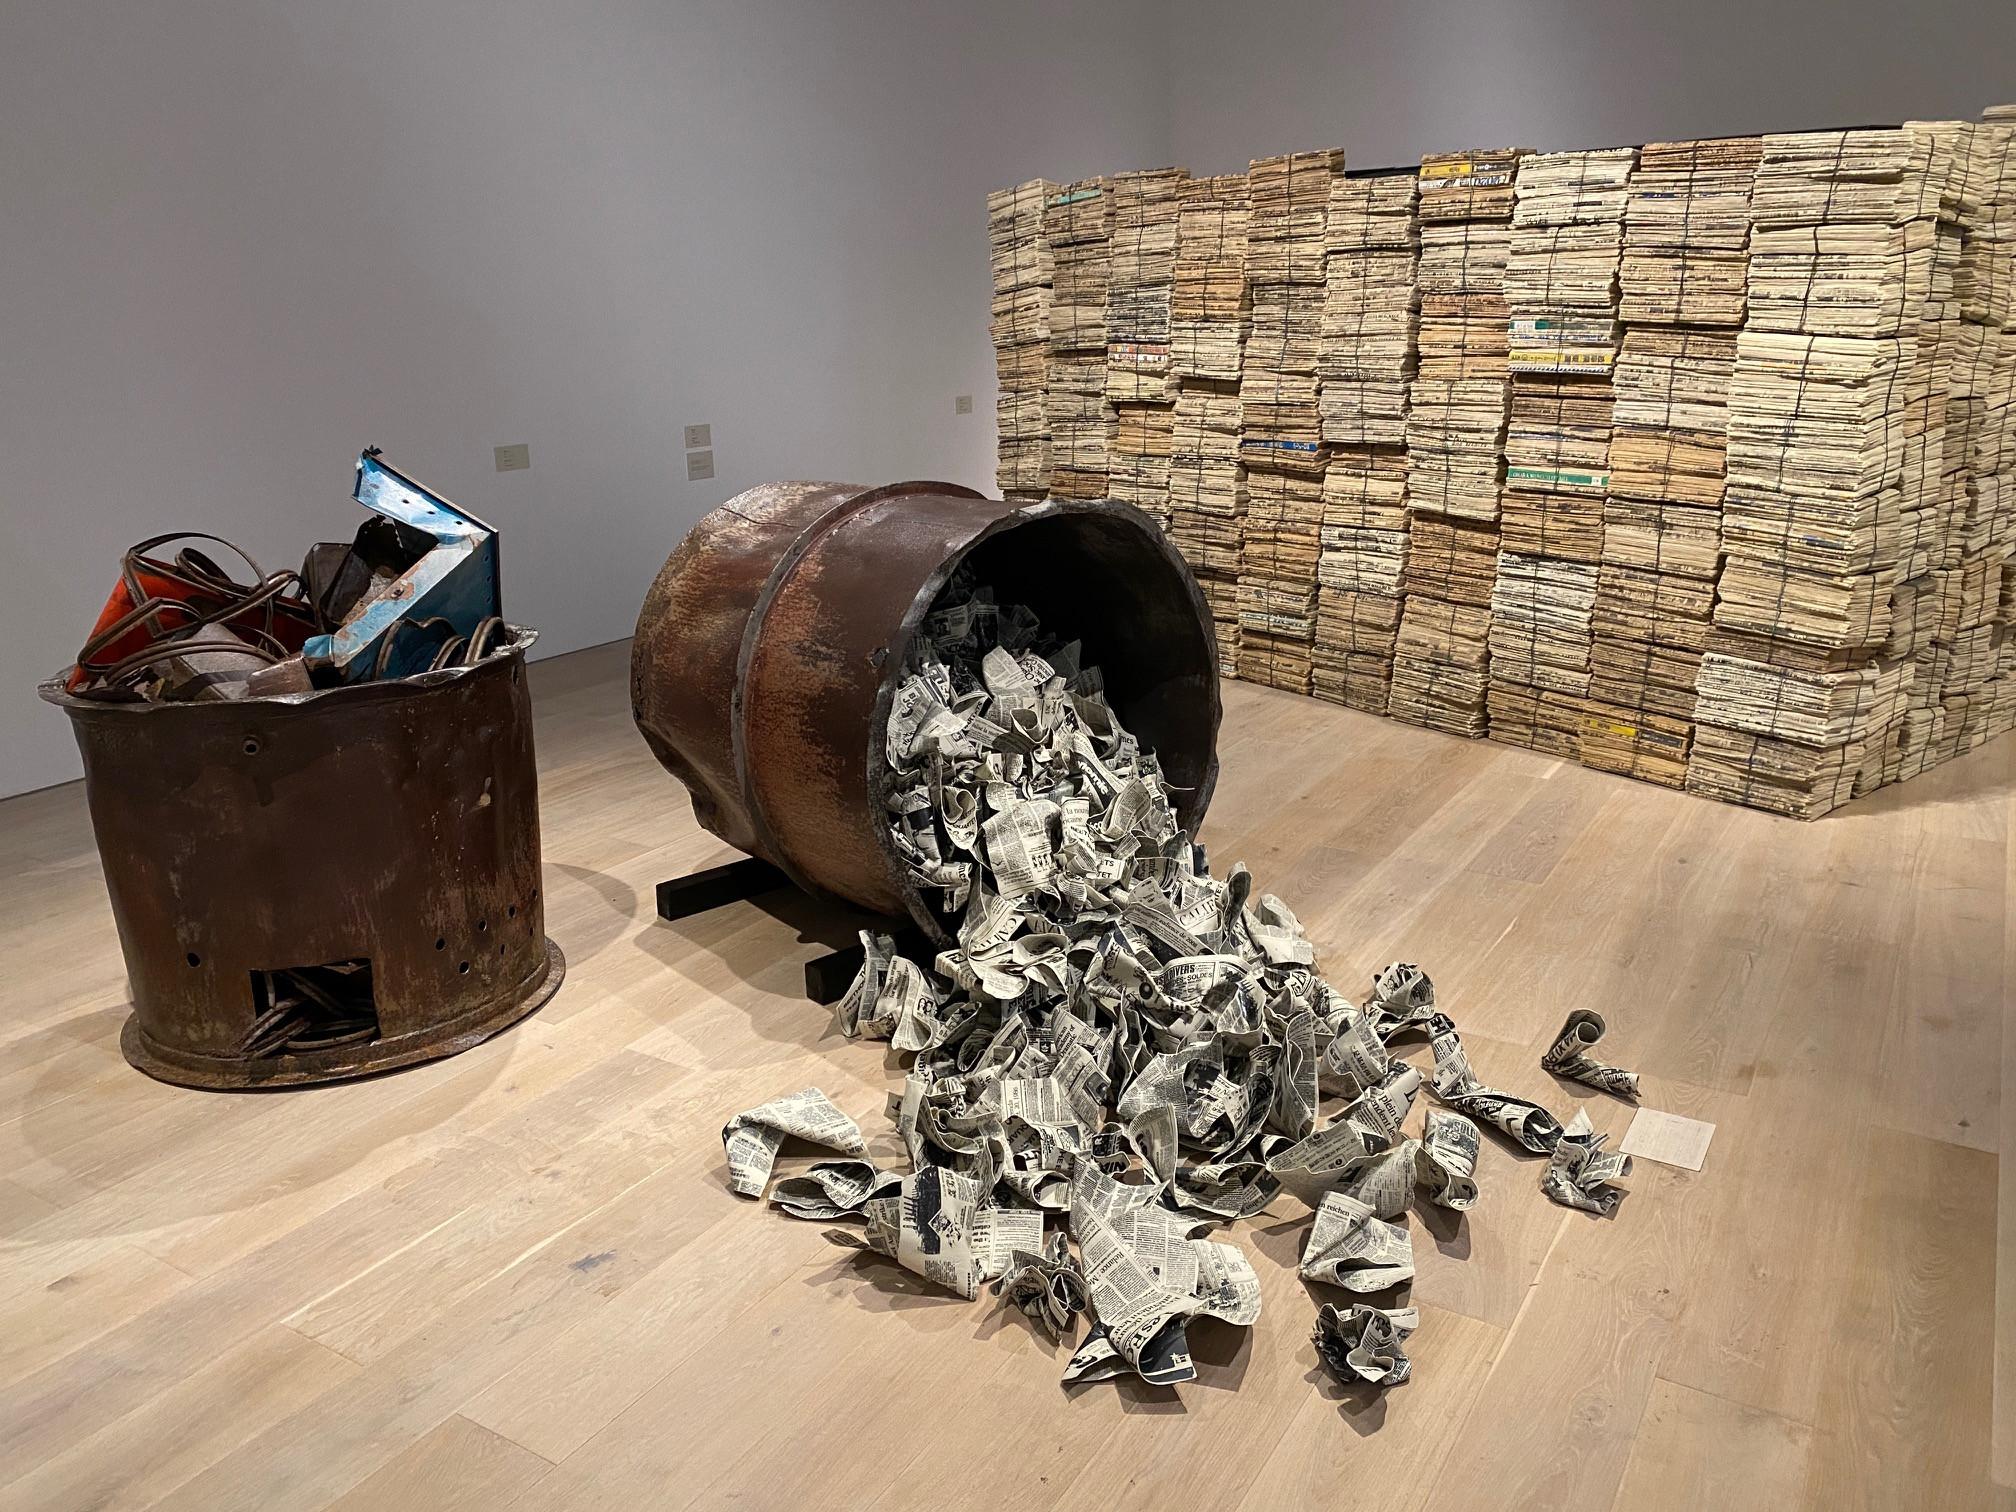 森美術館「アナザーエナジー展」 会場風景より三島喜美代の作品